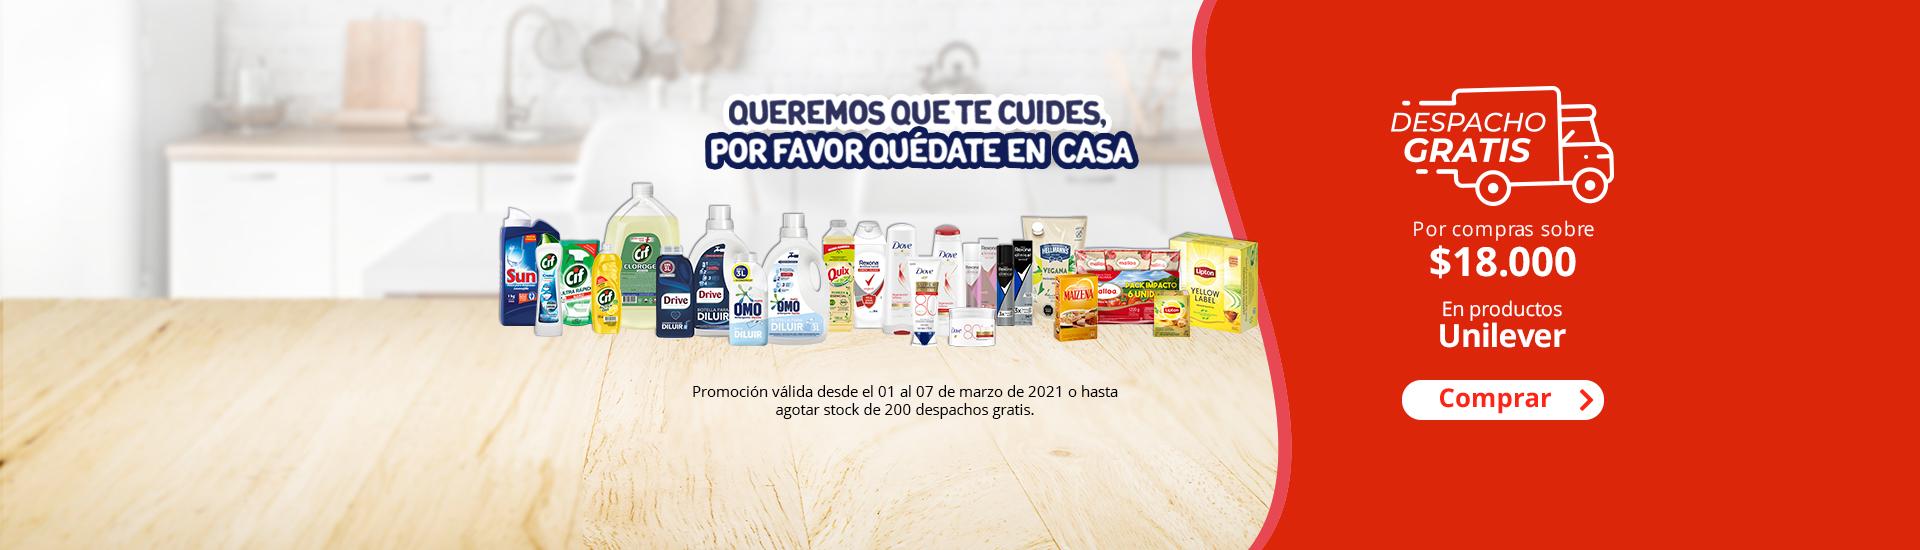 DG Unilever limpieza